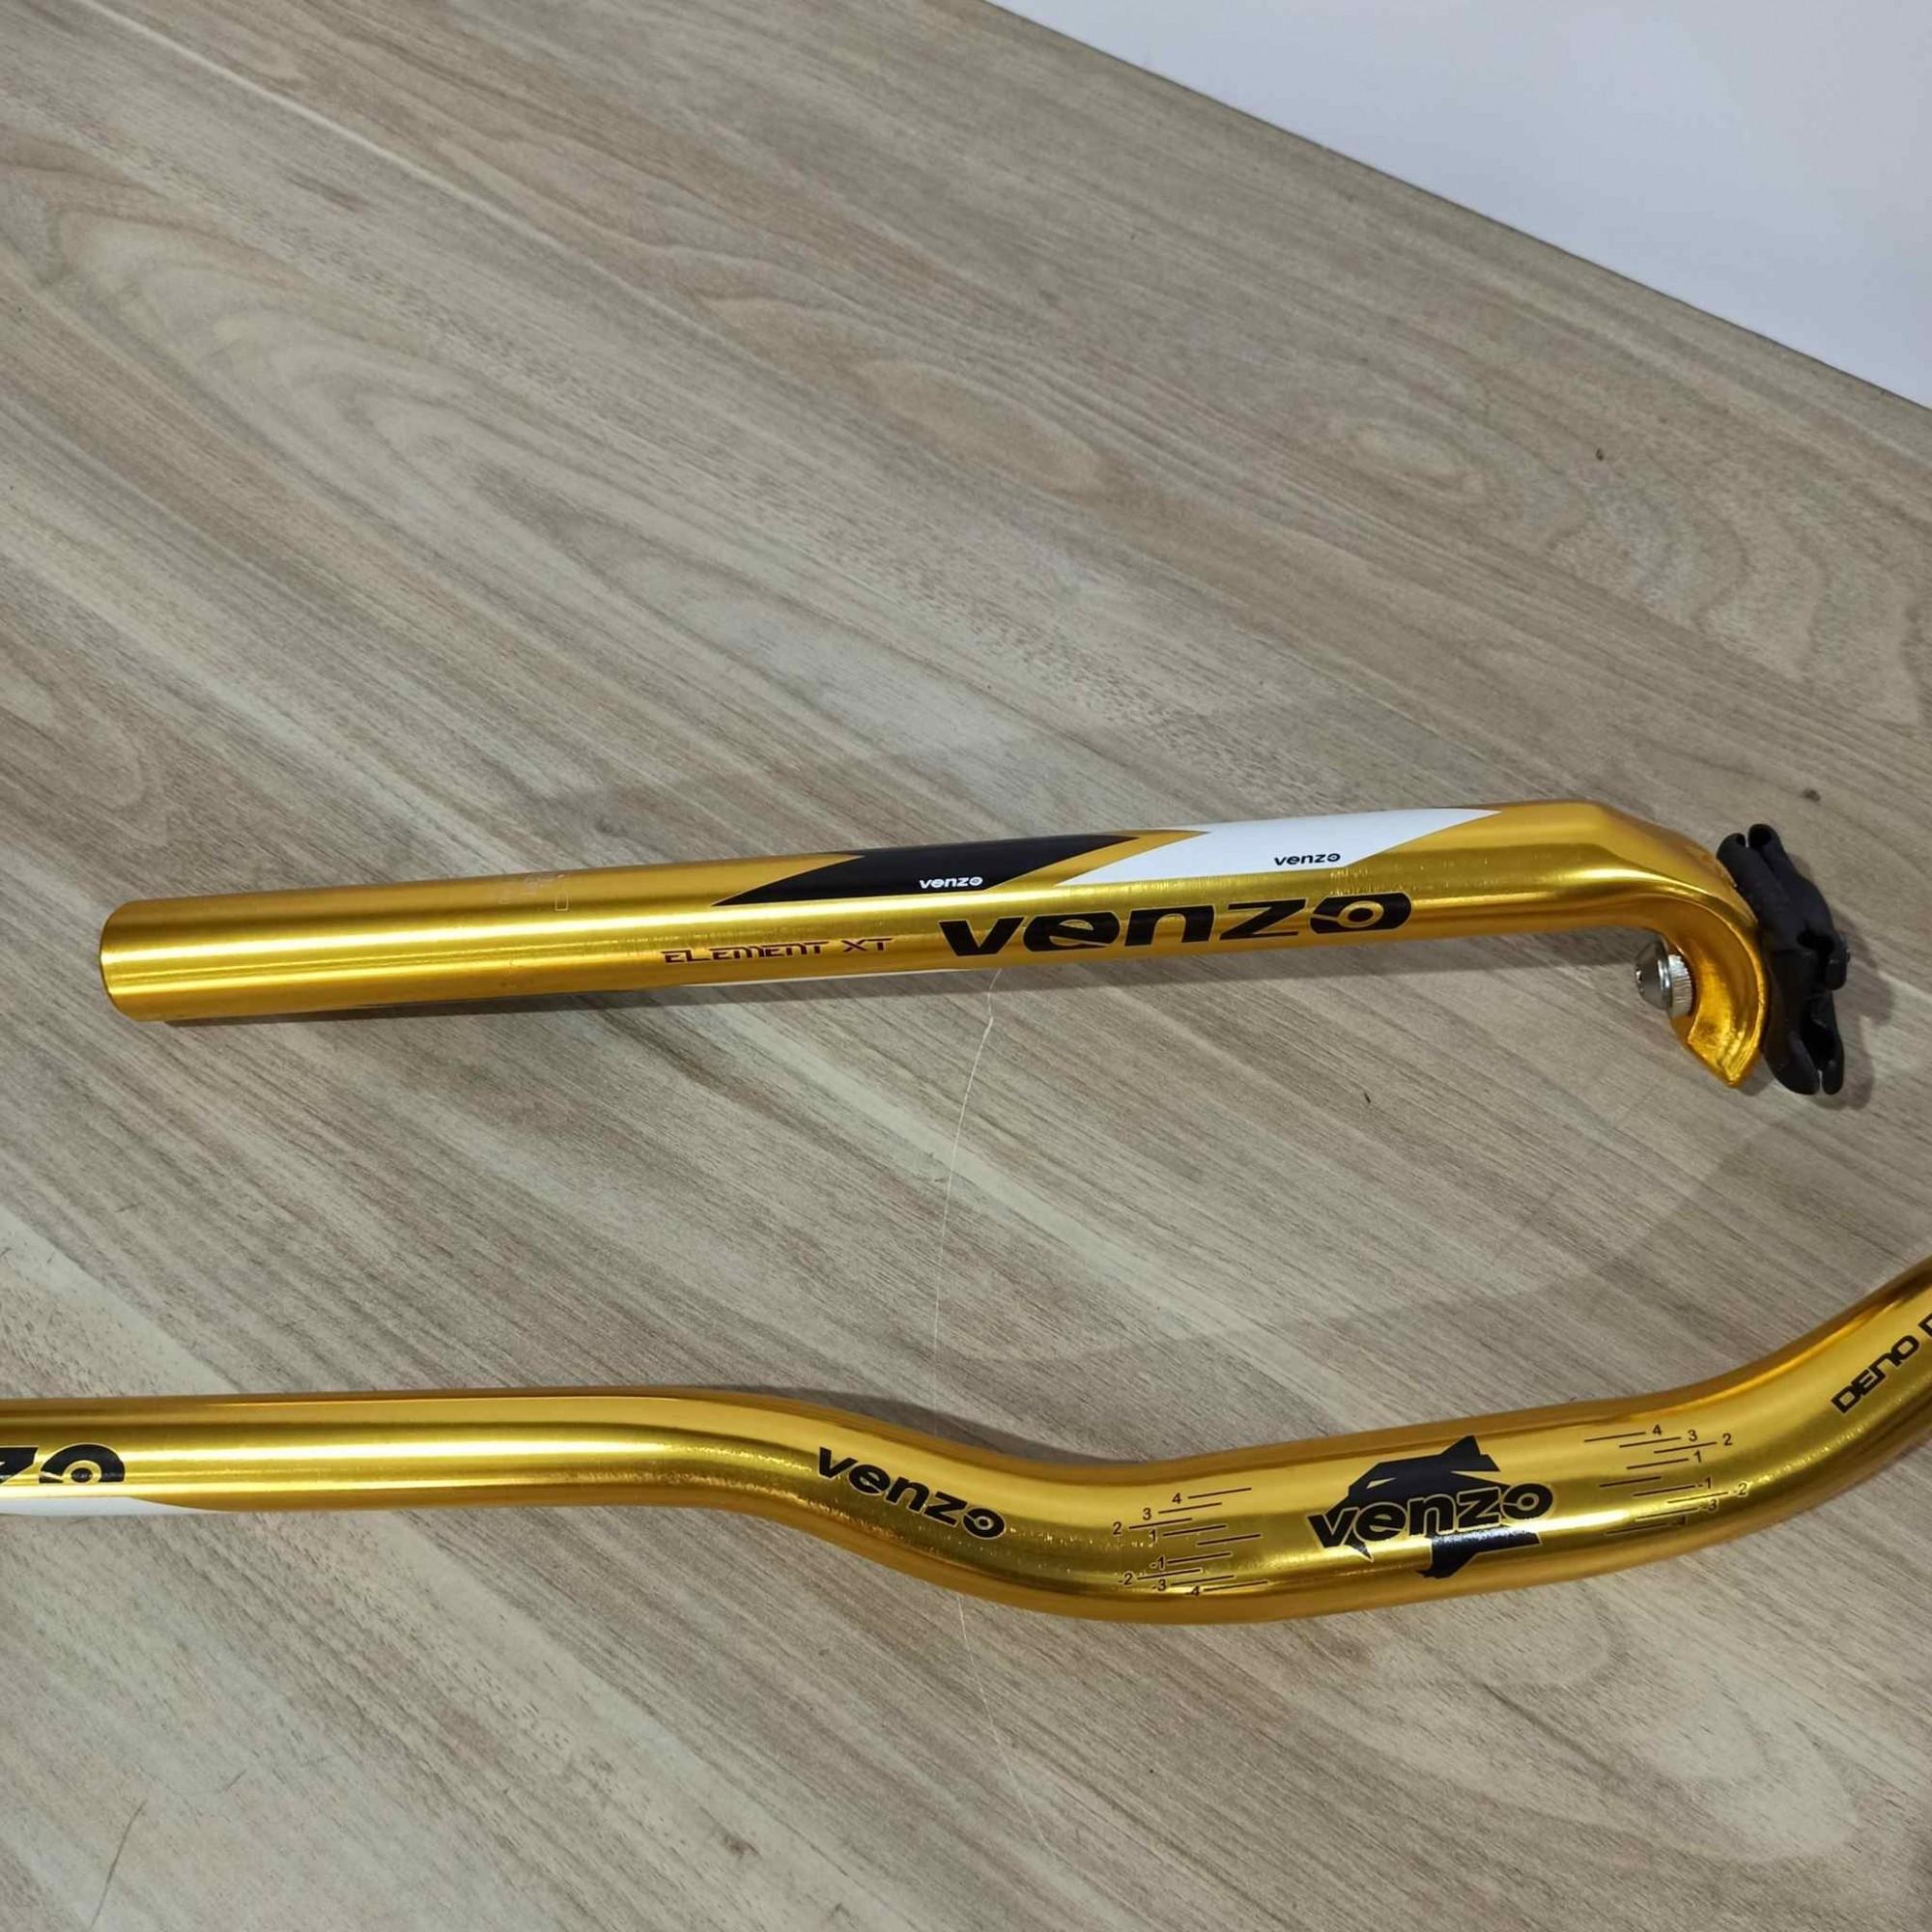 Kit VENZO Mountain Bike 5 Peças Guidão Mesa Canote Alumínio Dourado